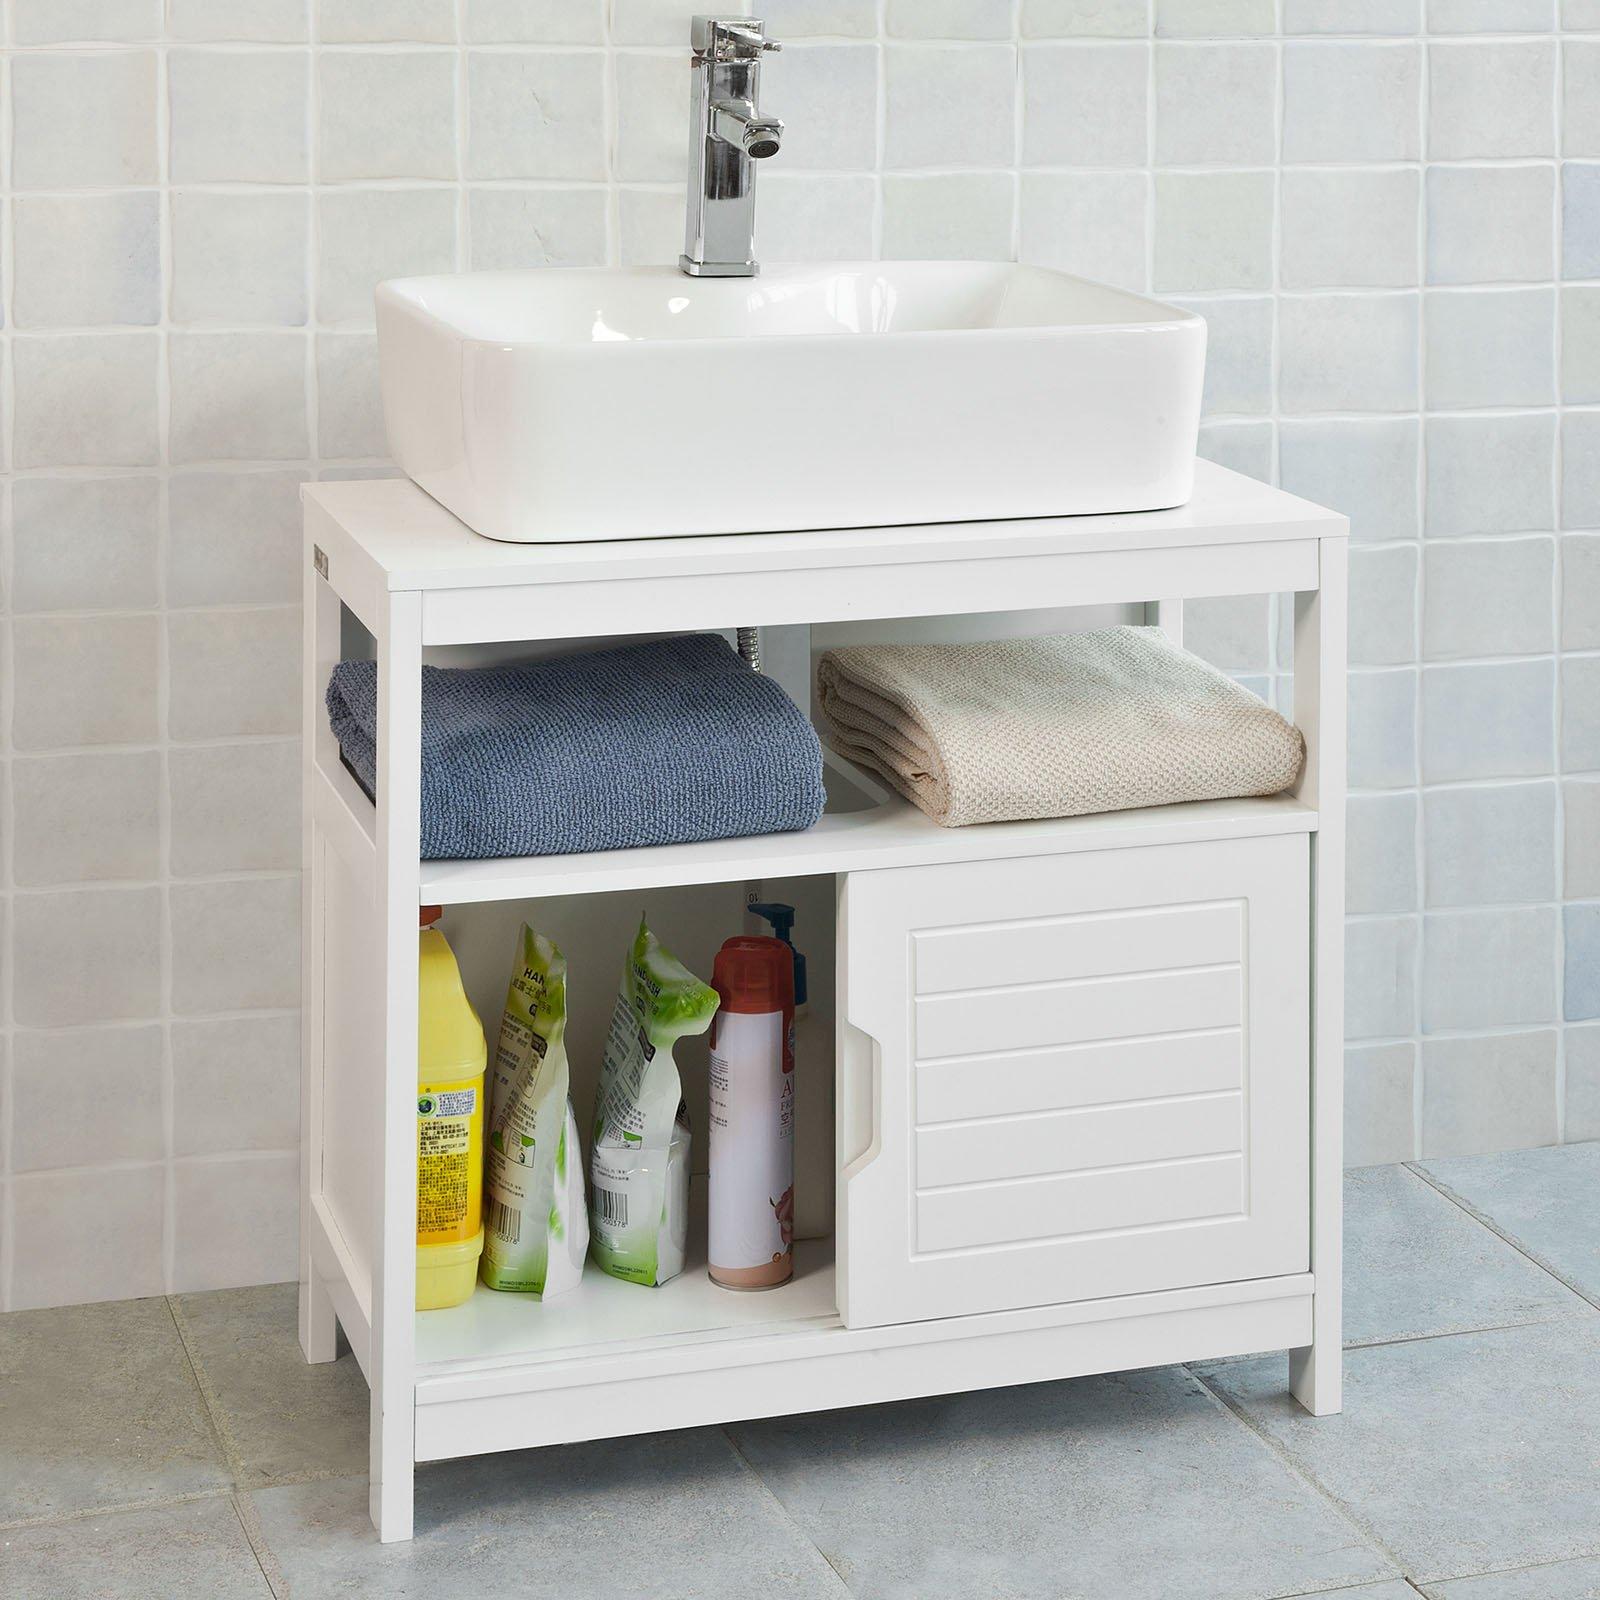 Haotian White Under Sink Bathroom Storage Cabinet With